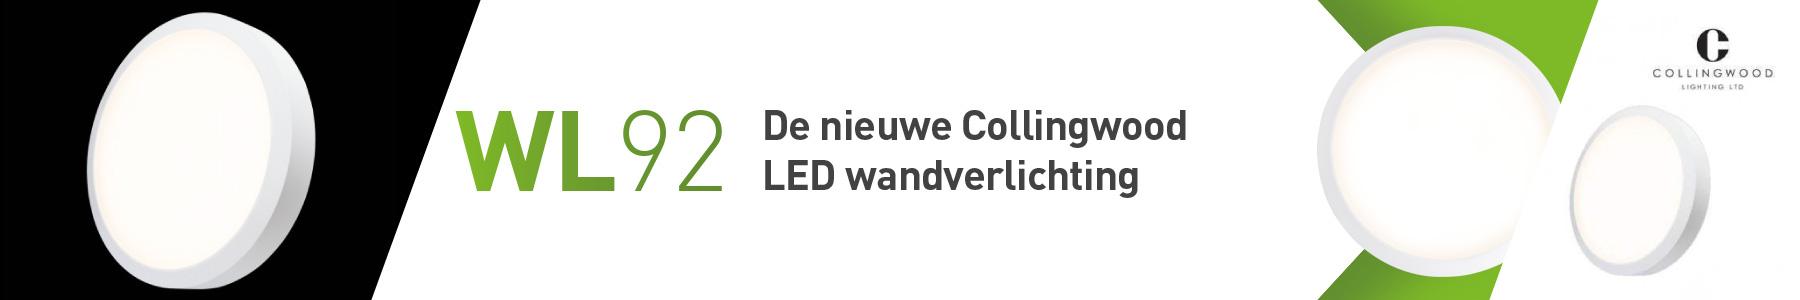 wandverlichting wl92